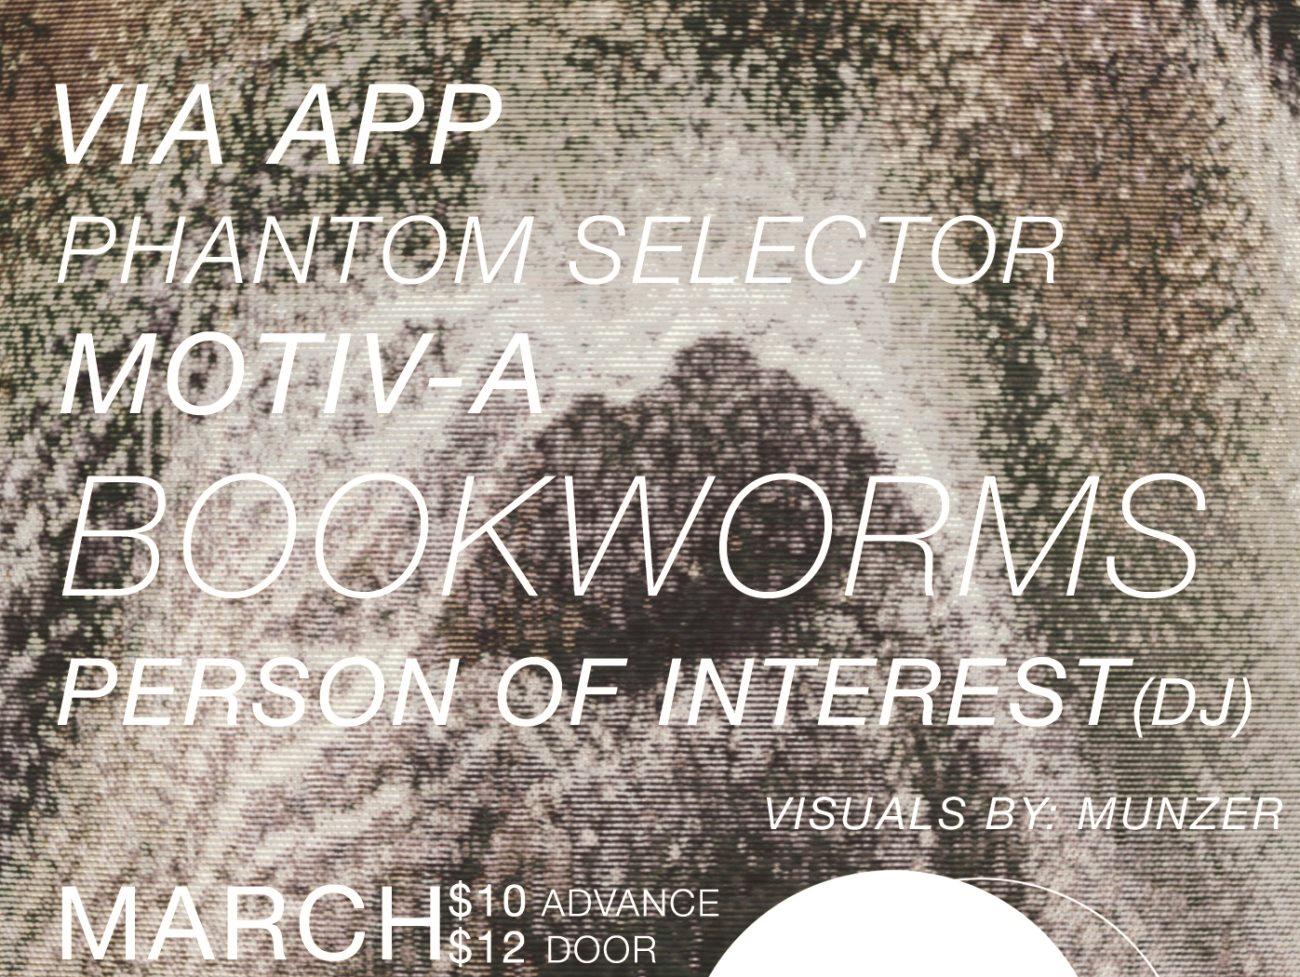 Cultivated Sound: Bookworms + Via App + Phantom Selector + Motiv-A + Person of Interest (DJ)